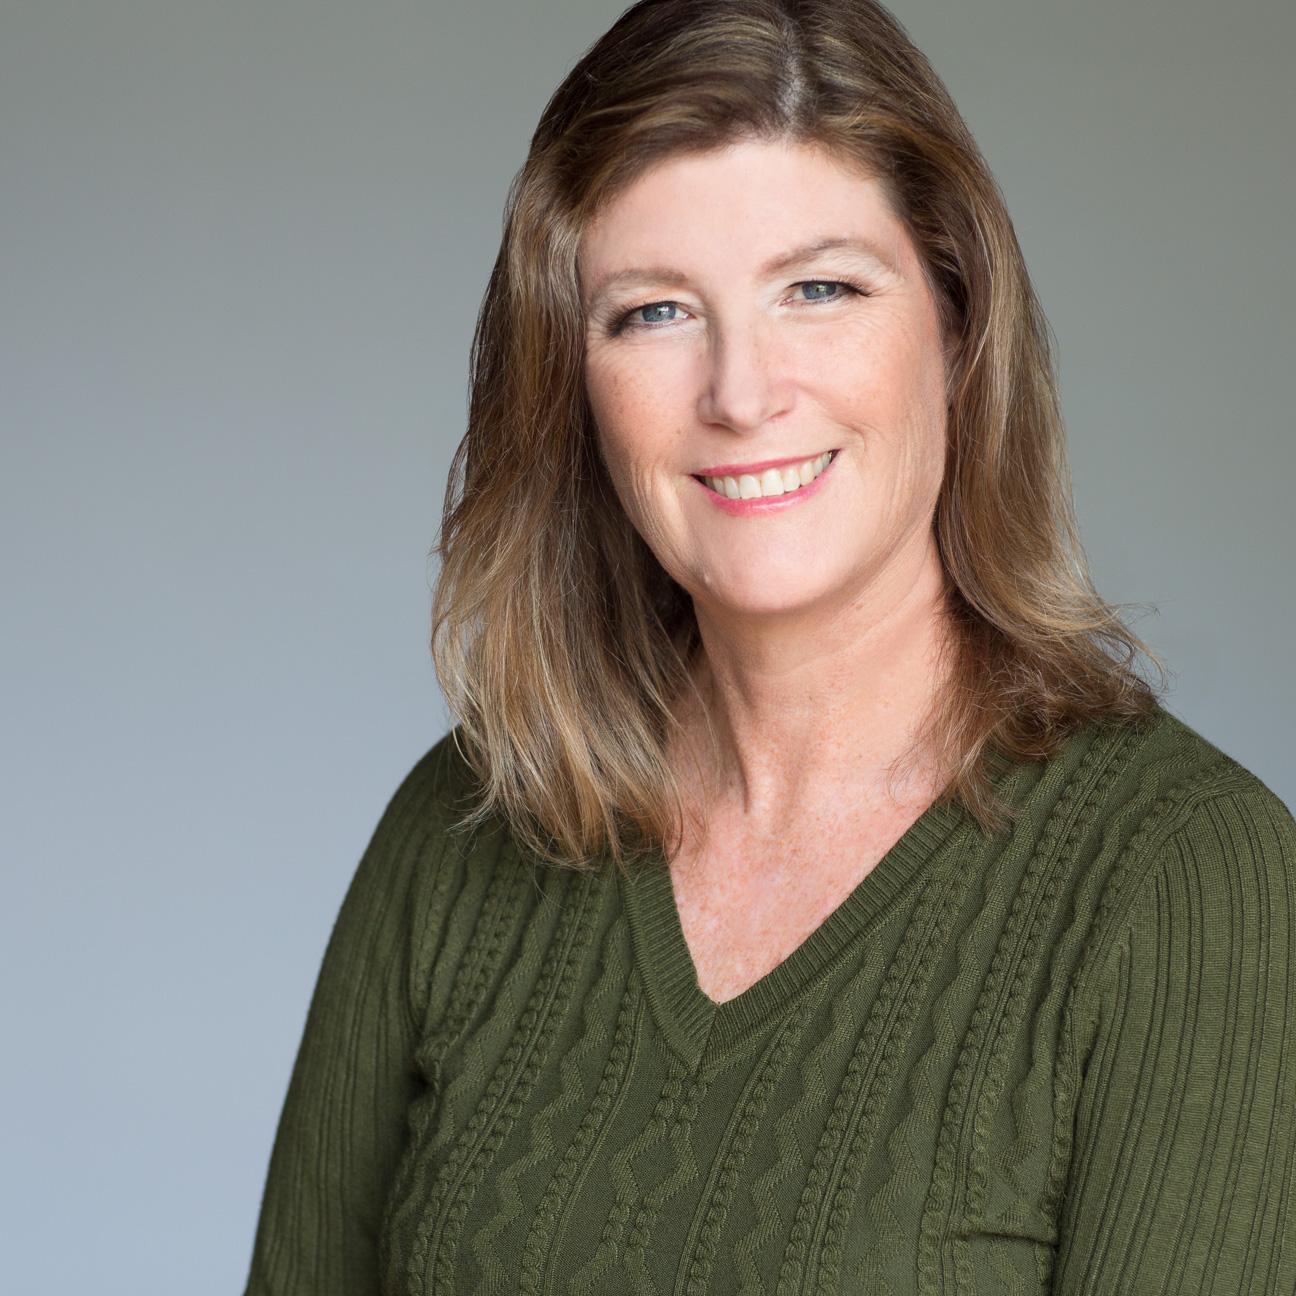 Trudi Melohn headshot